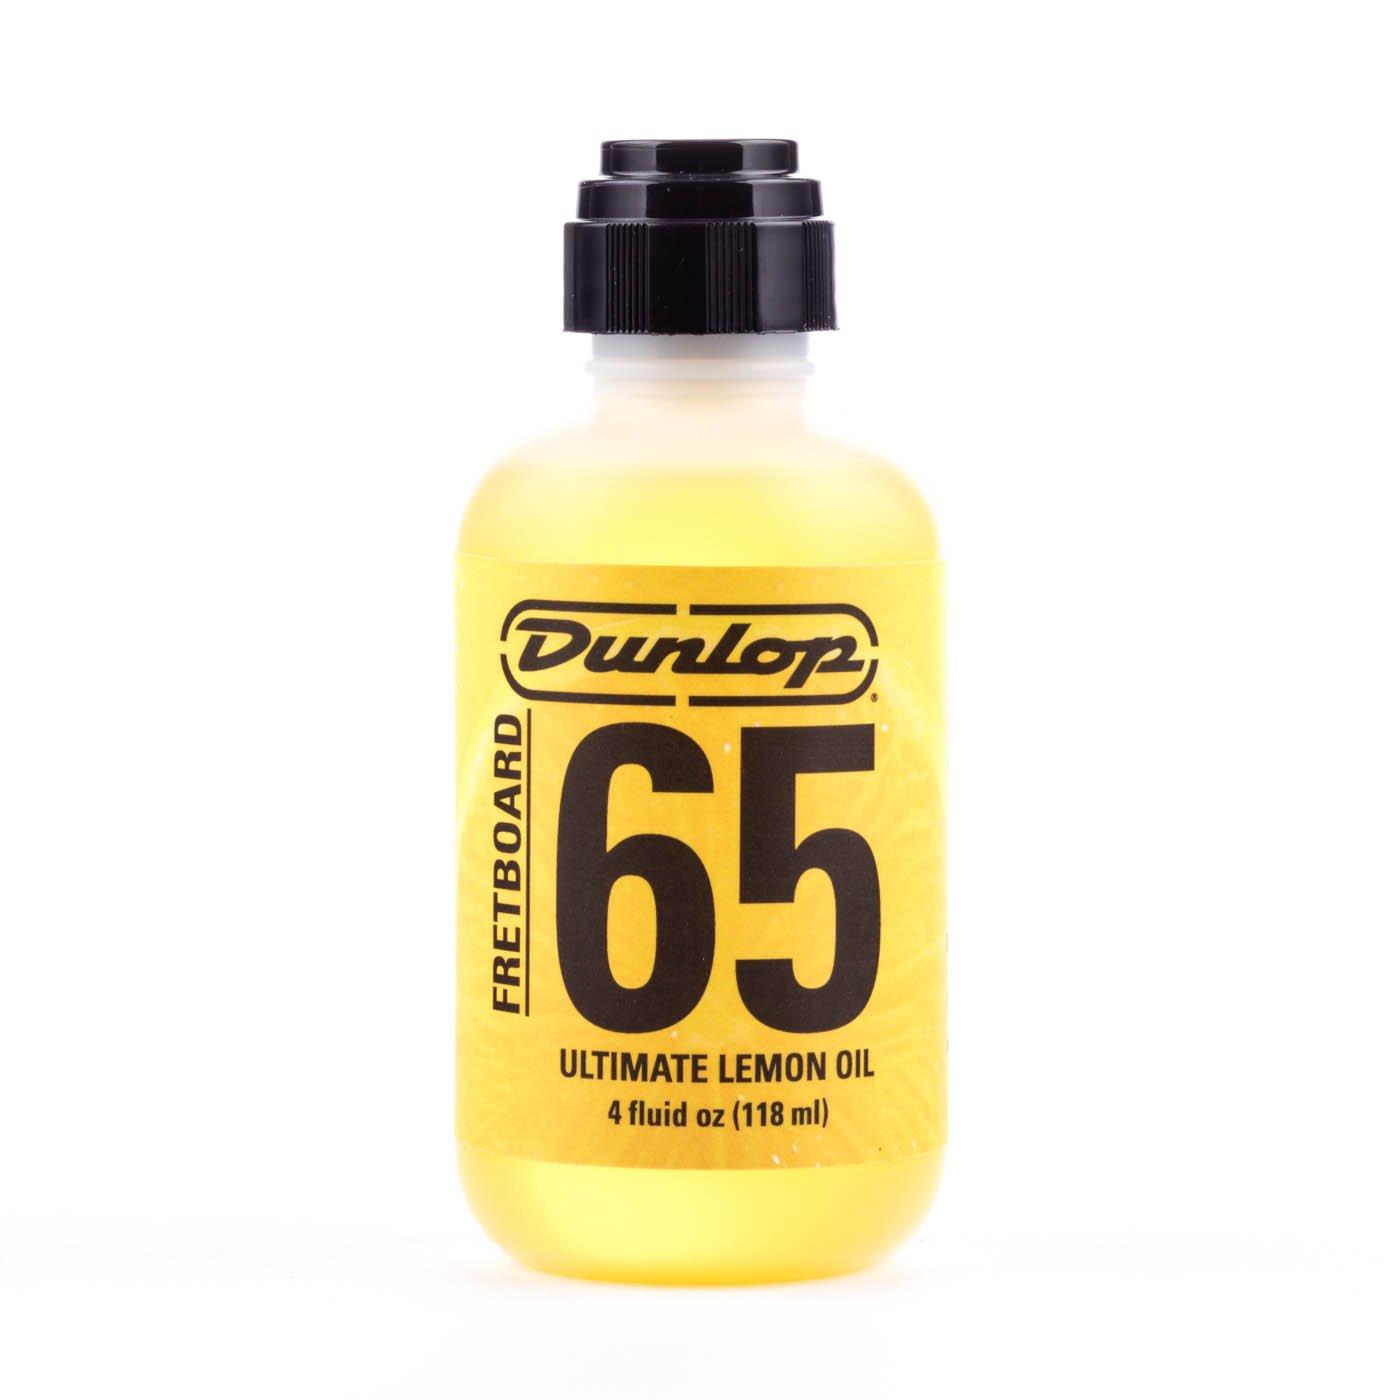 Dunlop 6554 Ultimate Lemon Oil